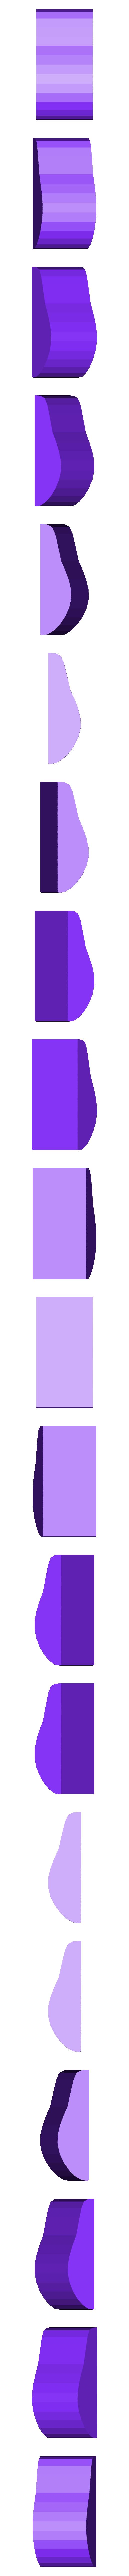 long_bit.stl Télécharger fichier STL gratuit Clé paramétrique multidirectionnelle • Objet imprimable en 3D, aevafortinhi